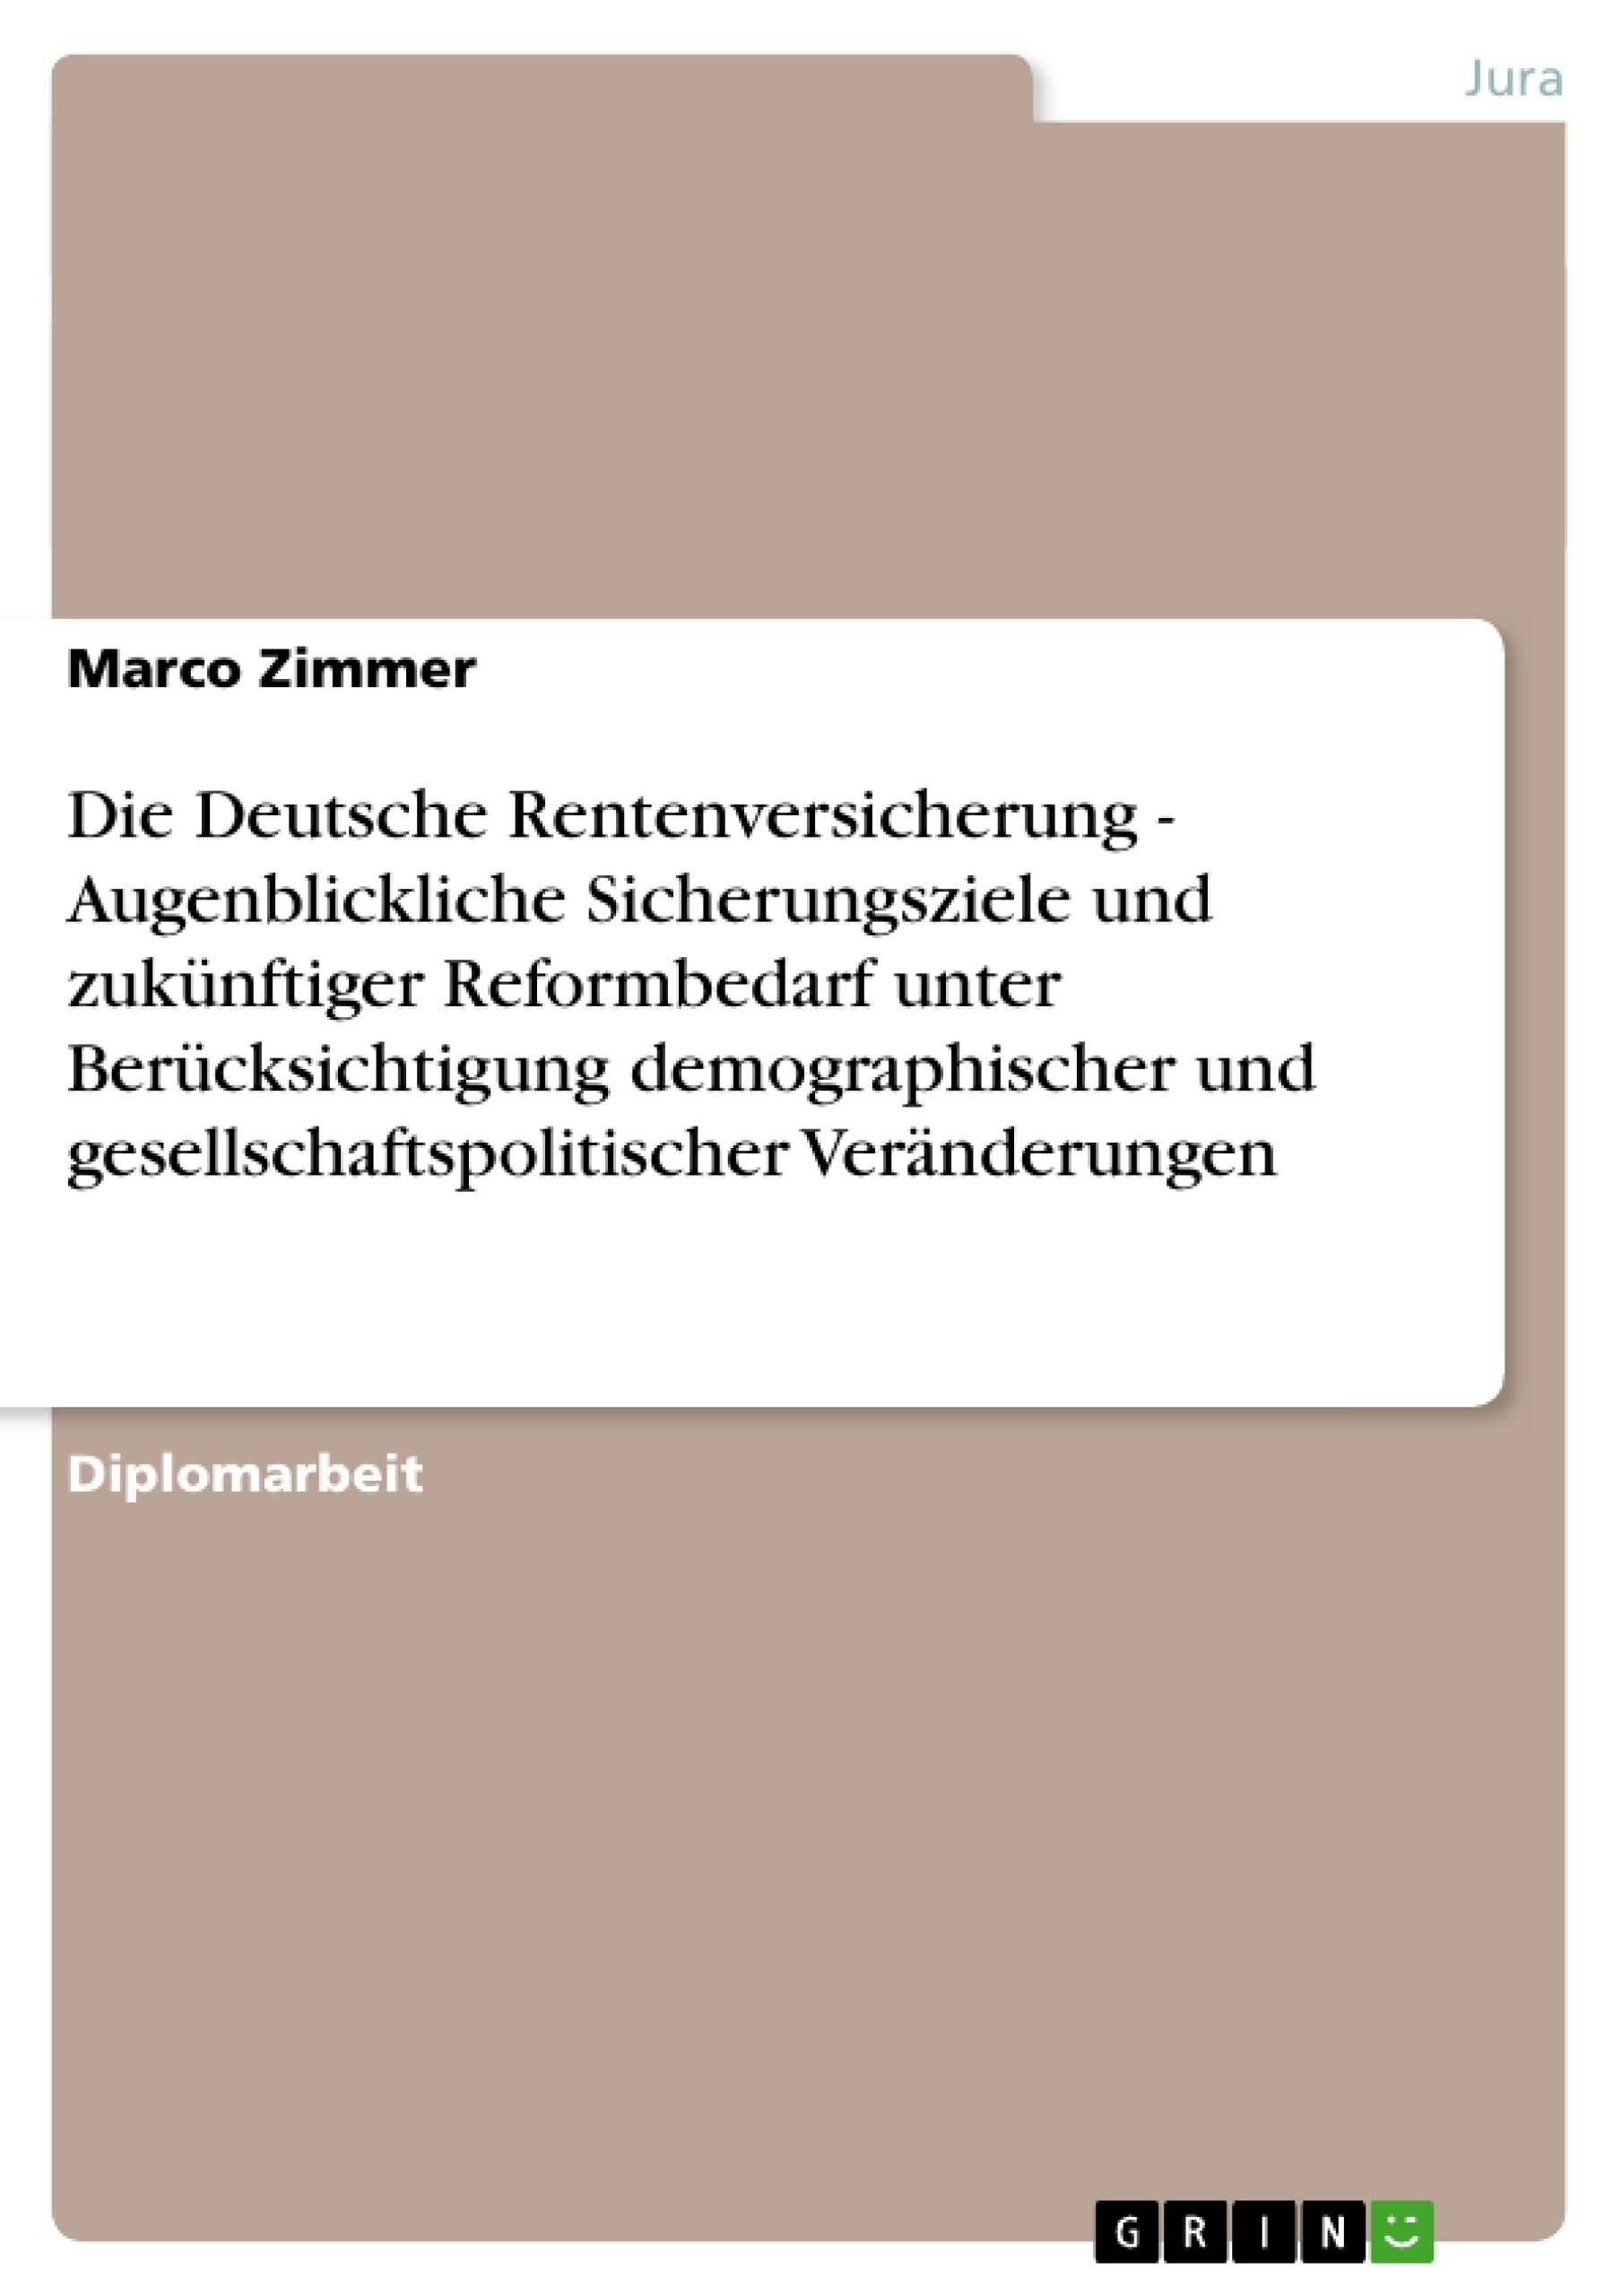 Titel: Die Deutsche Rentenversicherung - Augenblickliche Sicherungsziele und zukünftiger Reformbedarf unter Berücksichtigung demographischer und gesellschaftspolitischer Veränderungen